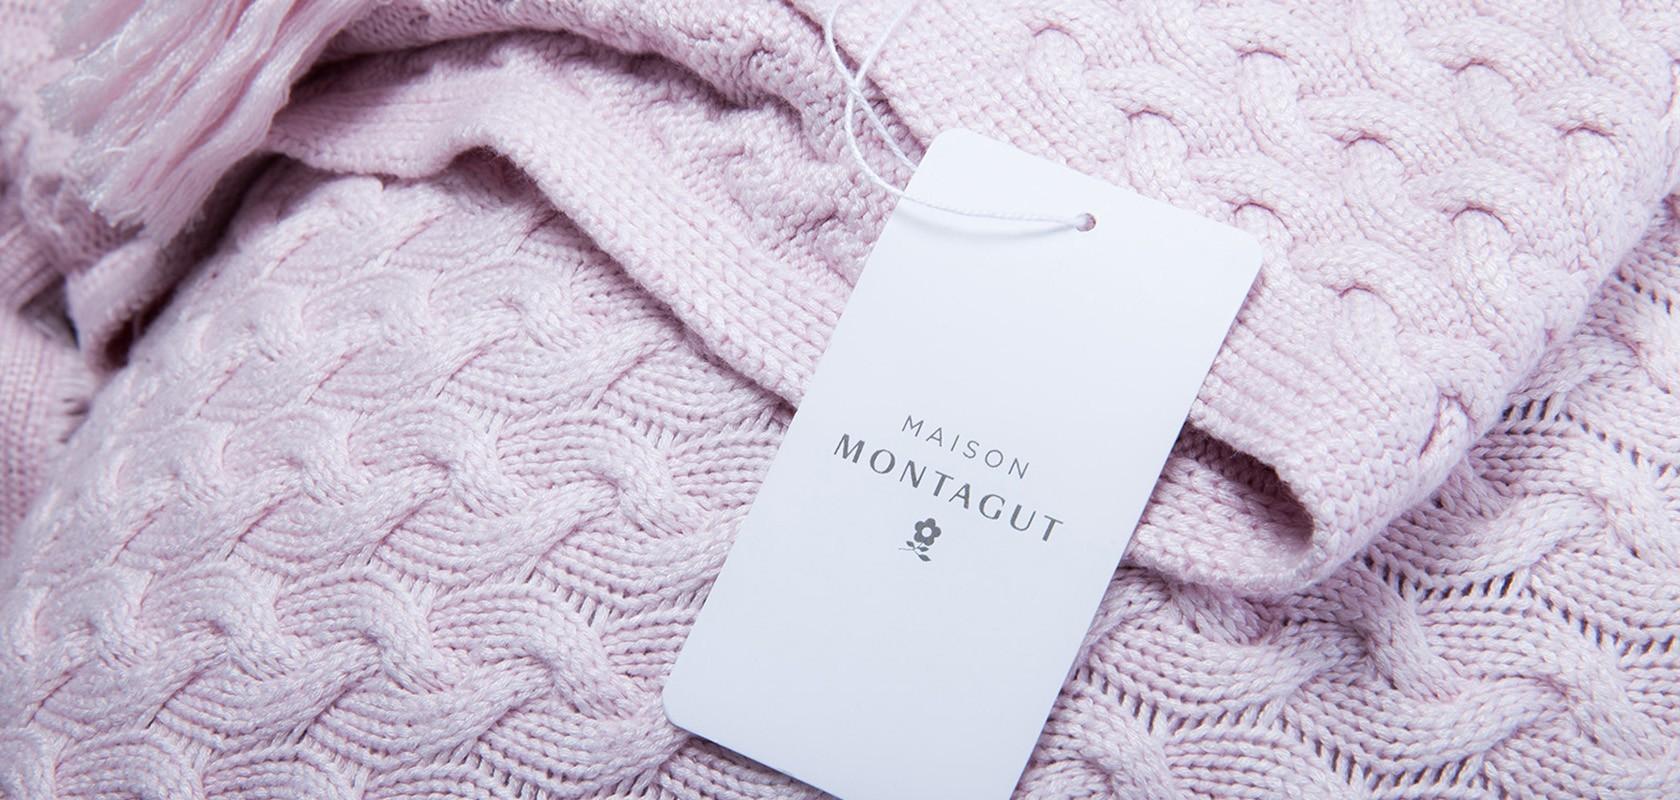 vêtements collections précédentes femme Maison Montagut